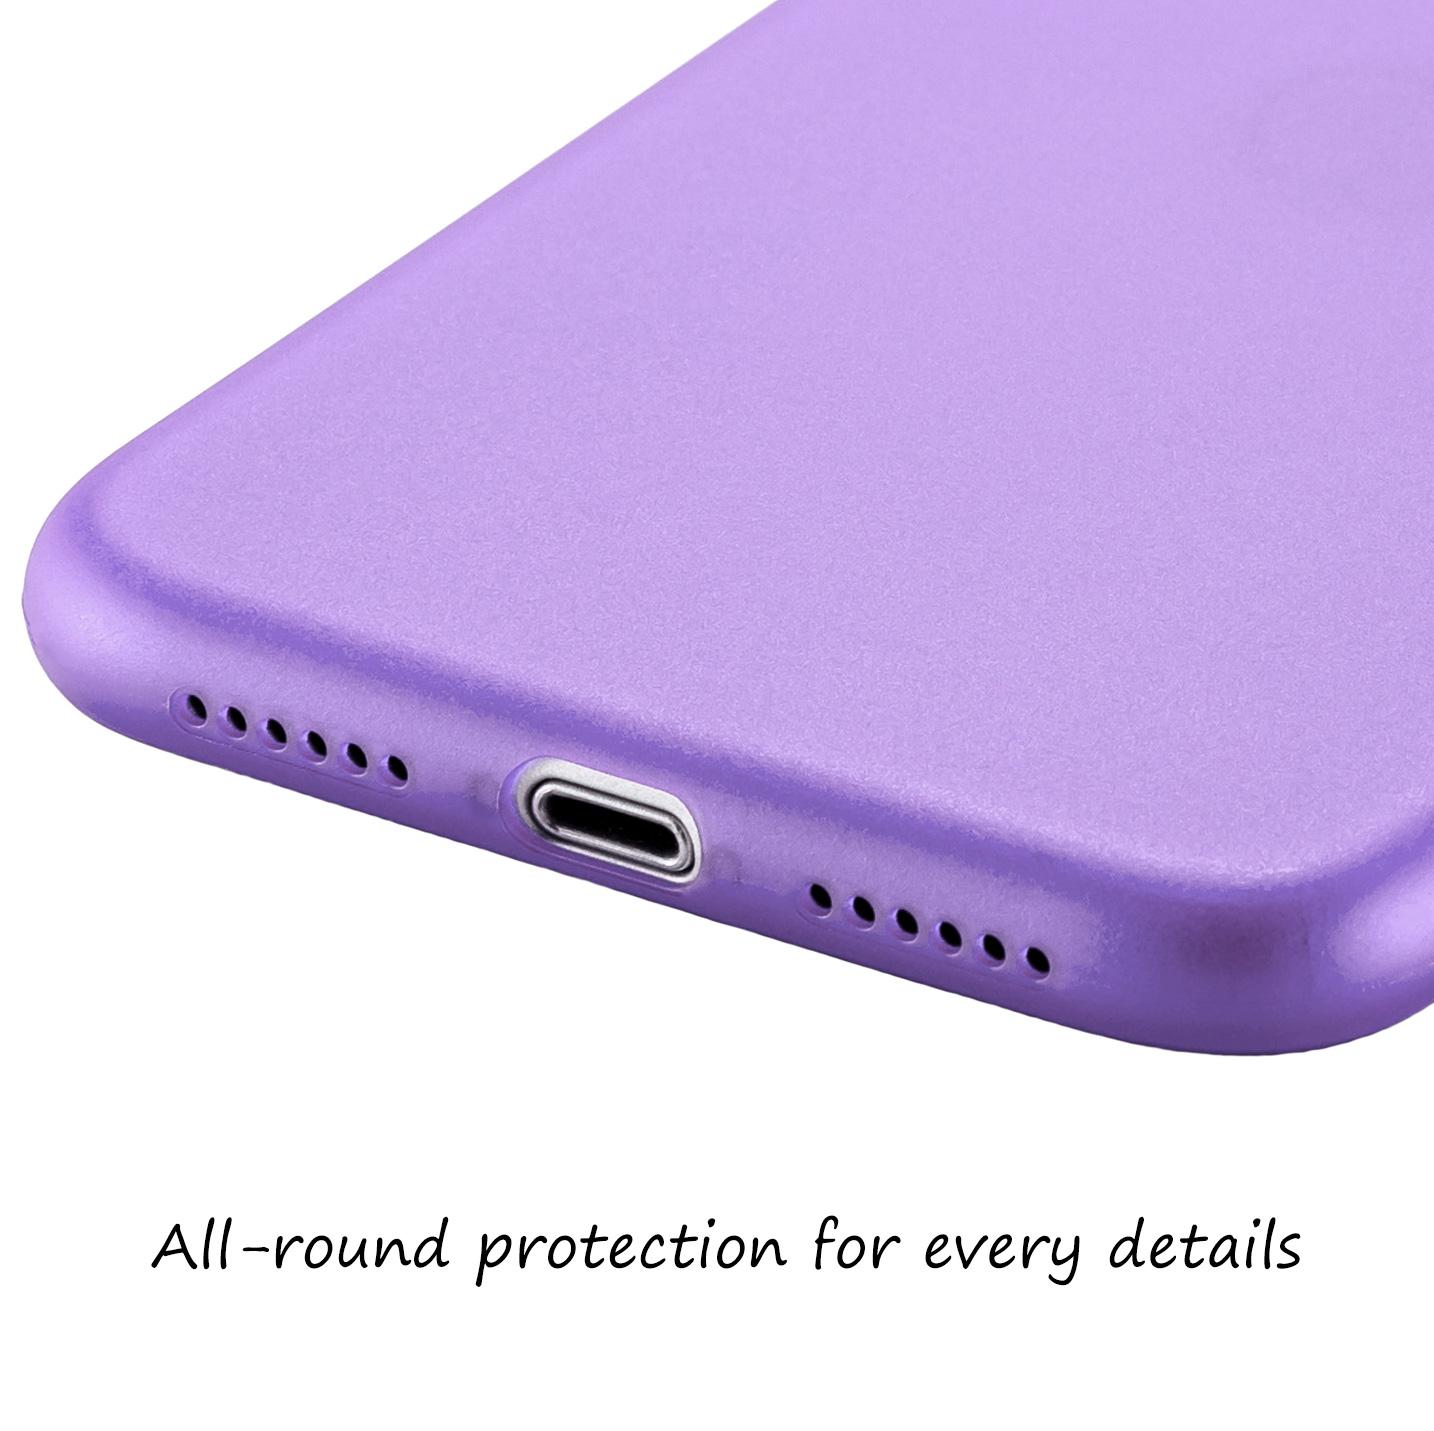 Ultra-Slim-Case-iPhone-11-6-1-034-Matt-Clear-Schutz-Huelle-Skin-Cover-Tasche-Folie Indexbild 24